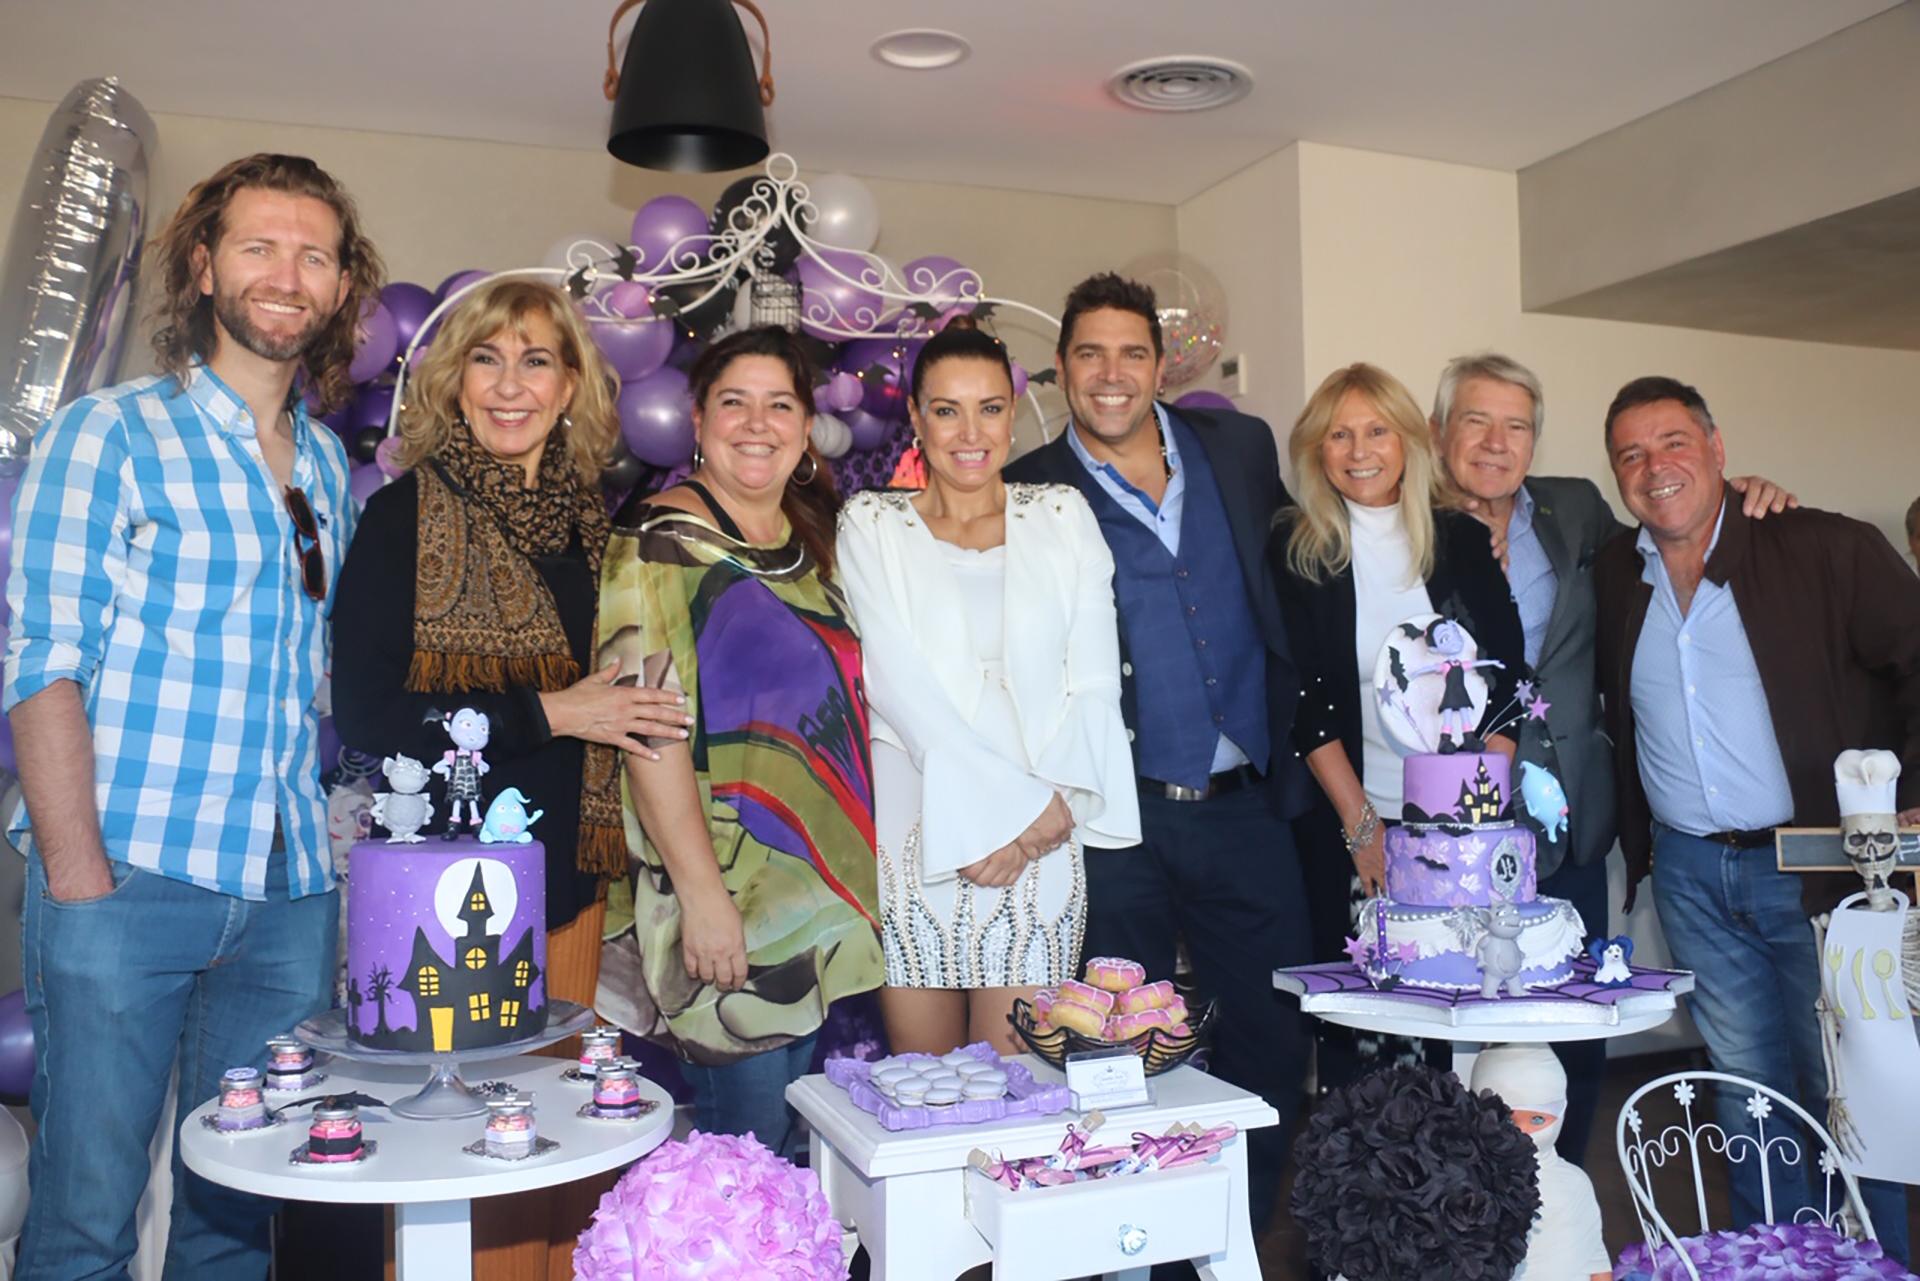 Andrea Estévez y sus invitados, sonrientes en una tarde muy especial (Fotos: Verónica Guerman / Teleshow)